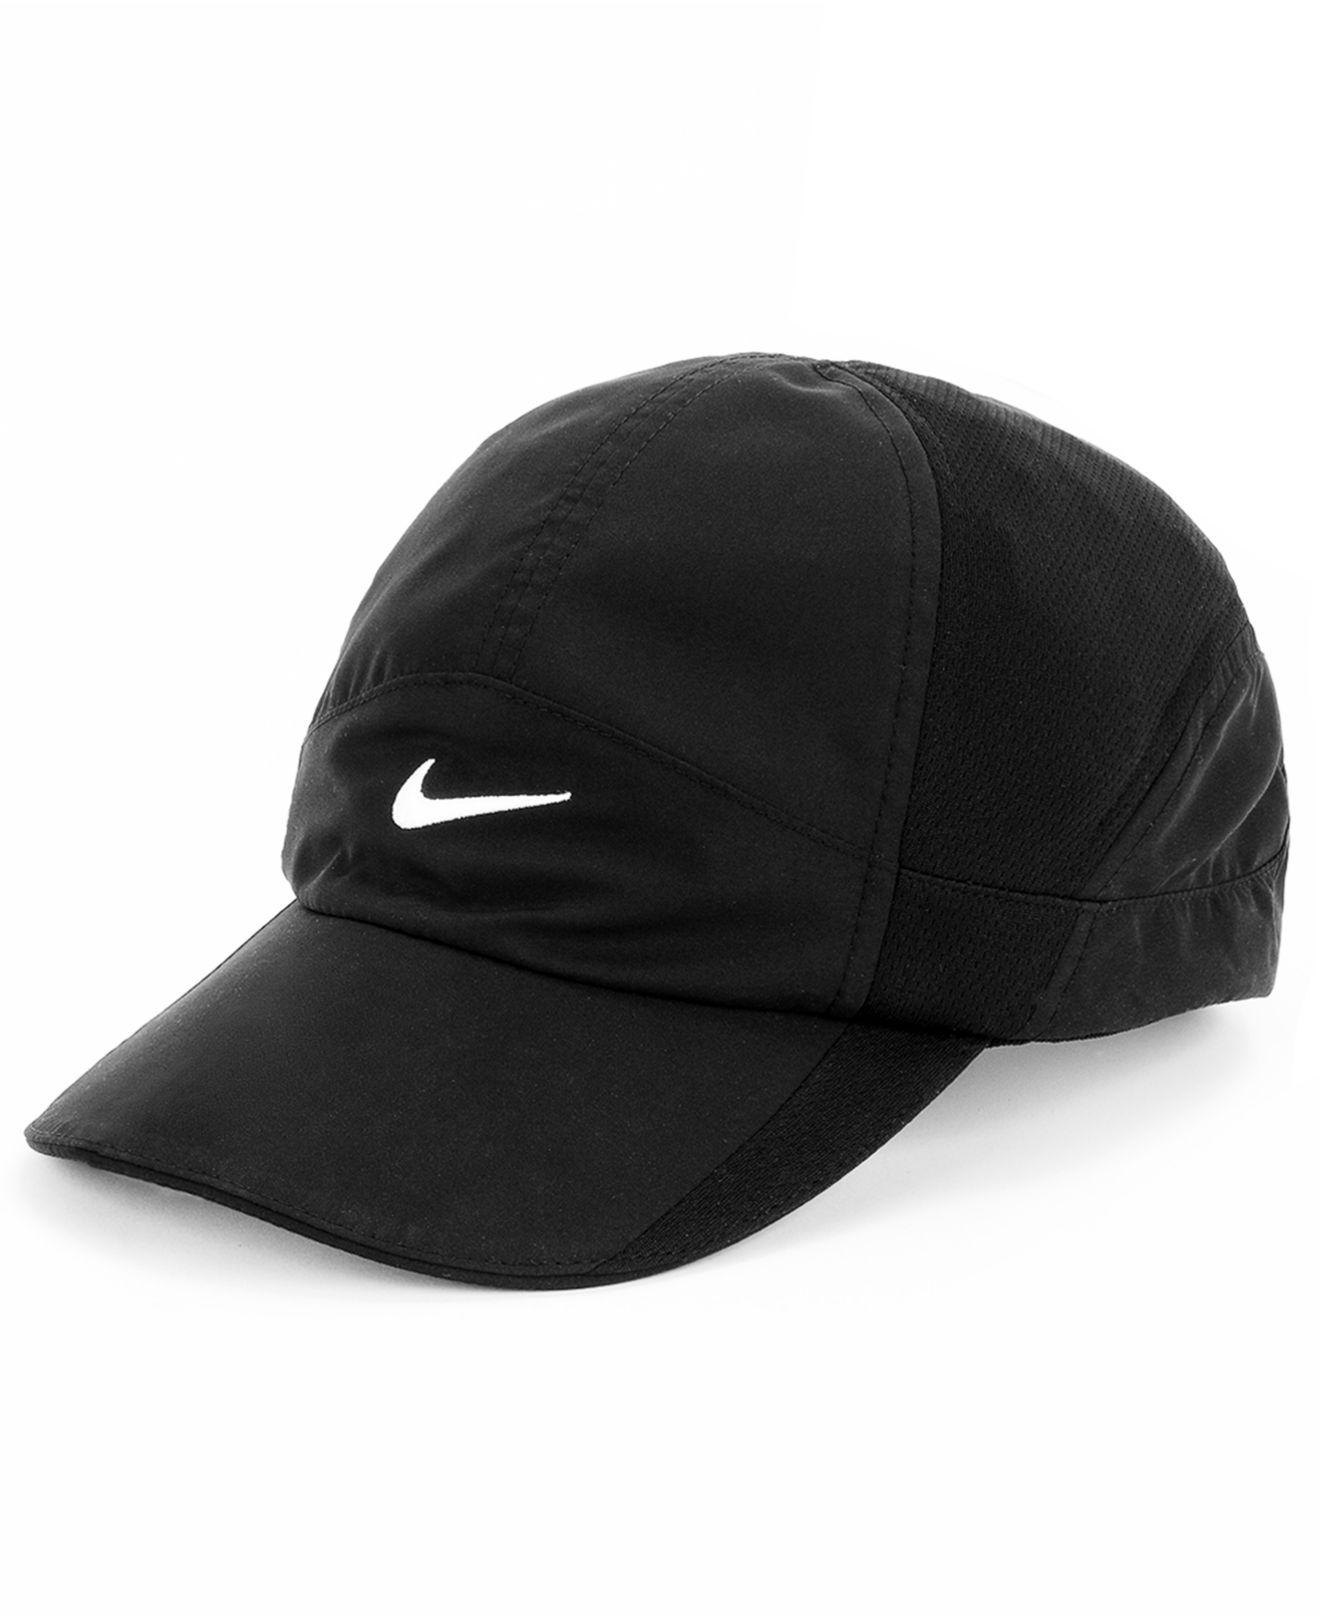 ... shop lyst nike featherlight 2.0 dri fit sports cap in black ba9a1 22a40 1588750a68a